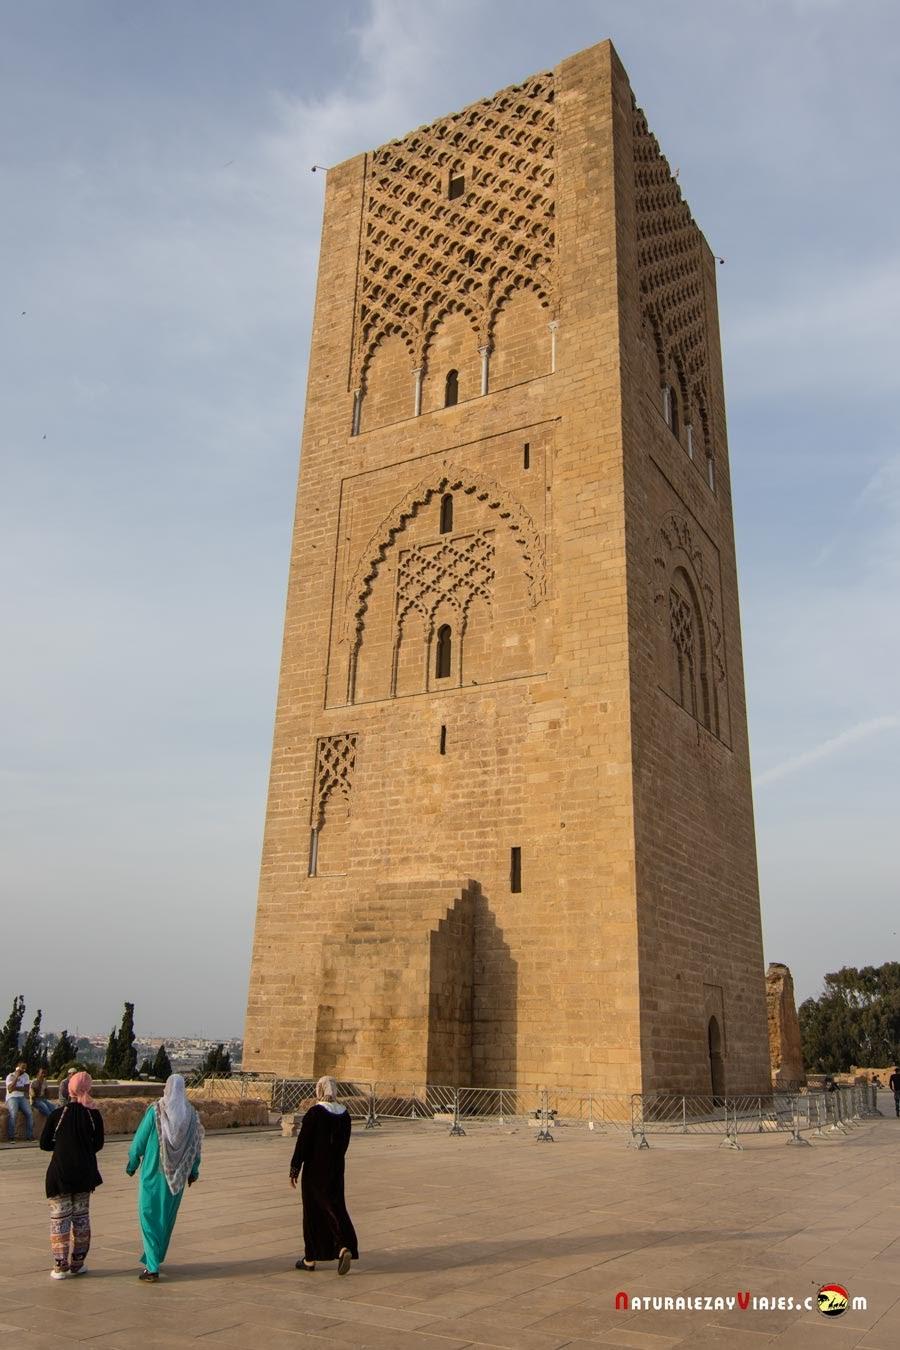 Torre Hassan